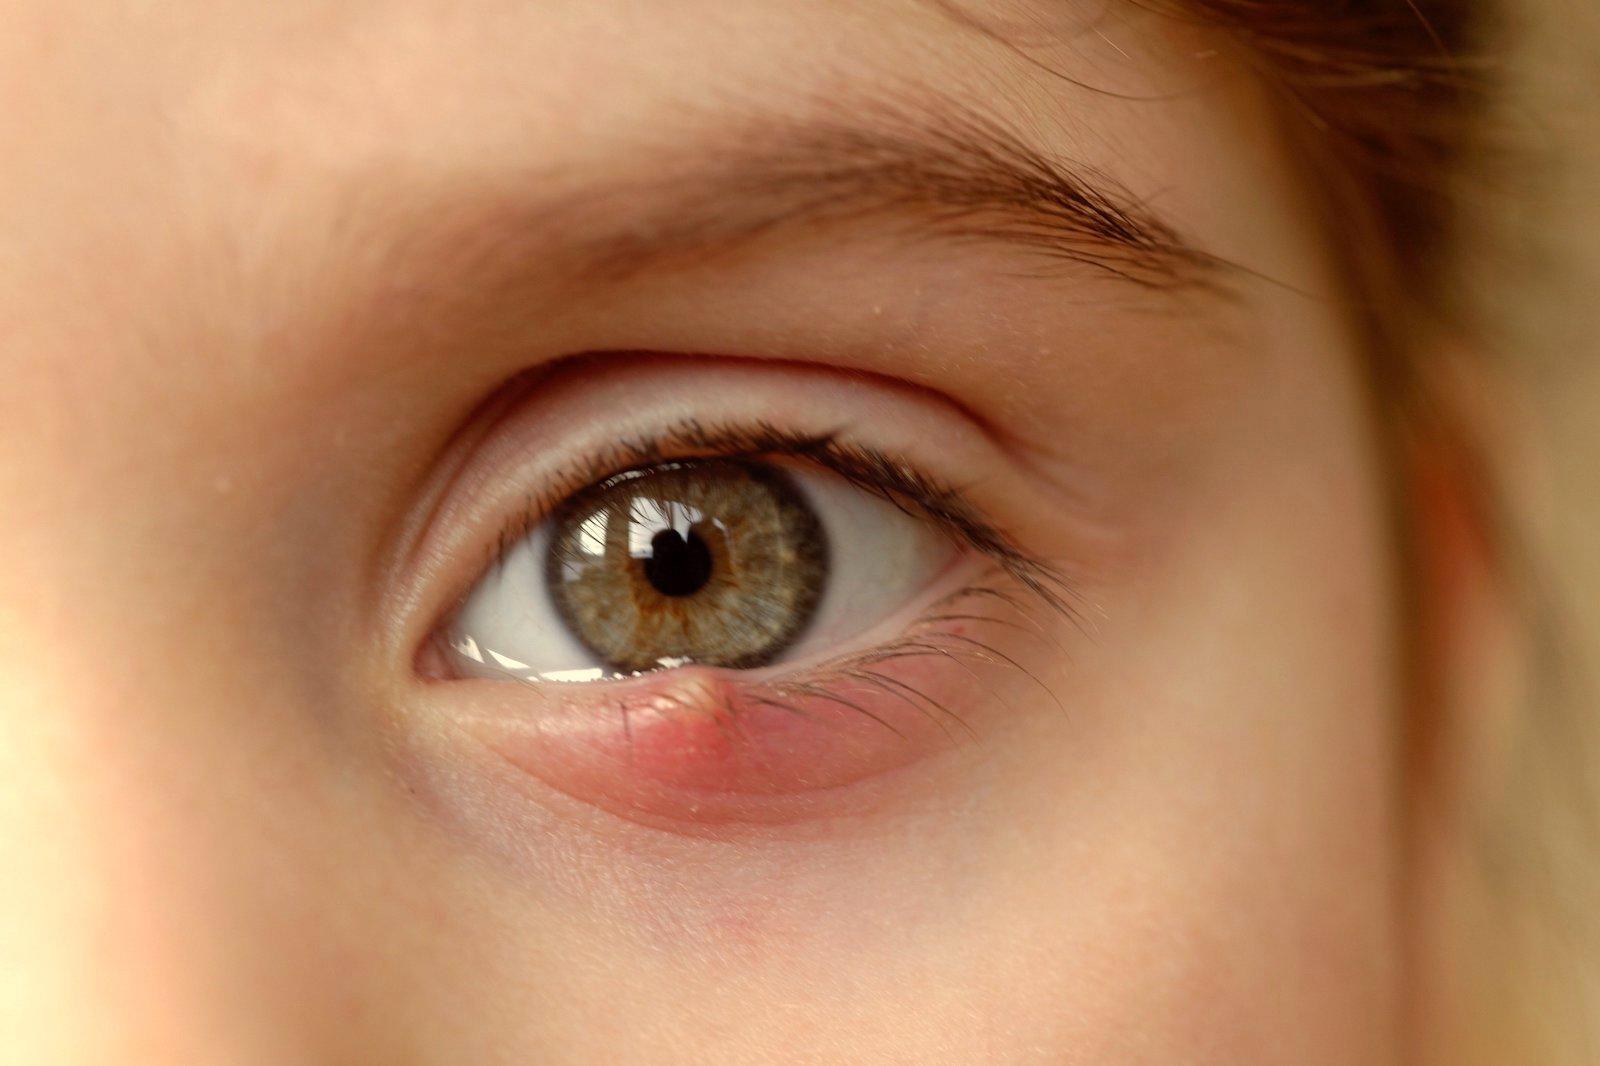 Probleme de sănătate: ochii apoși